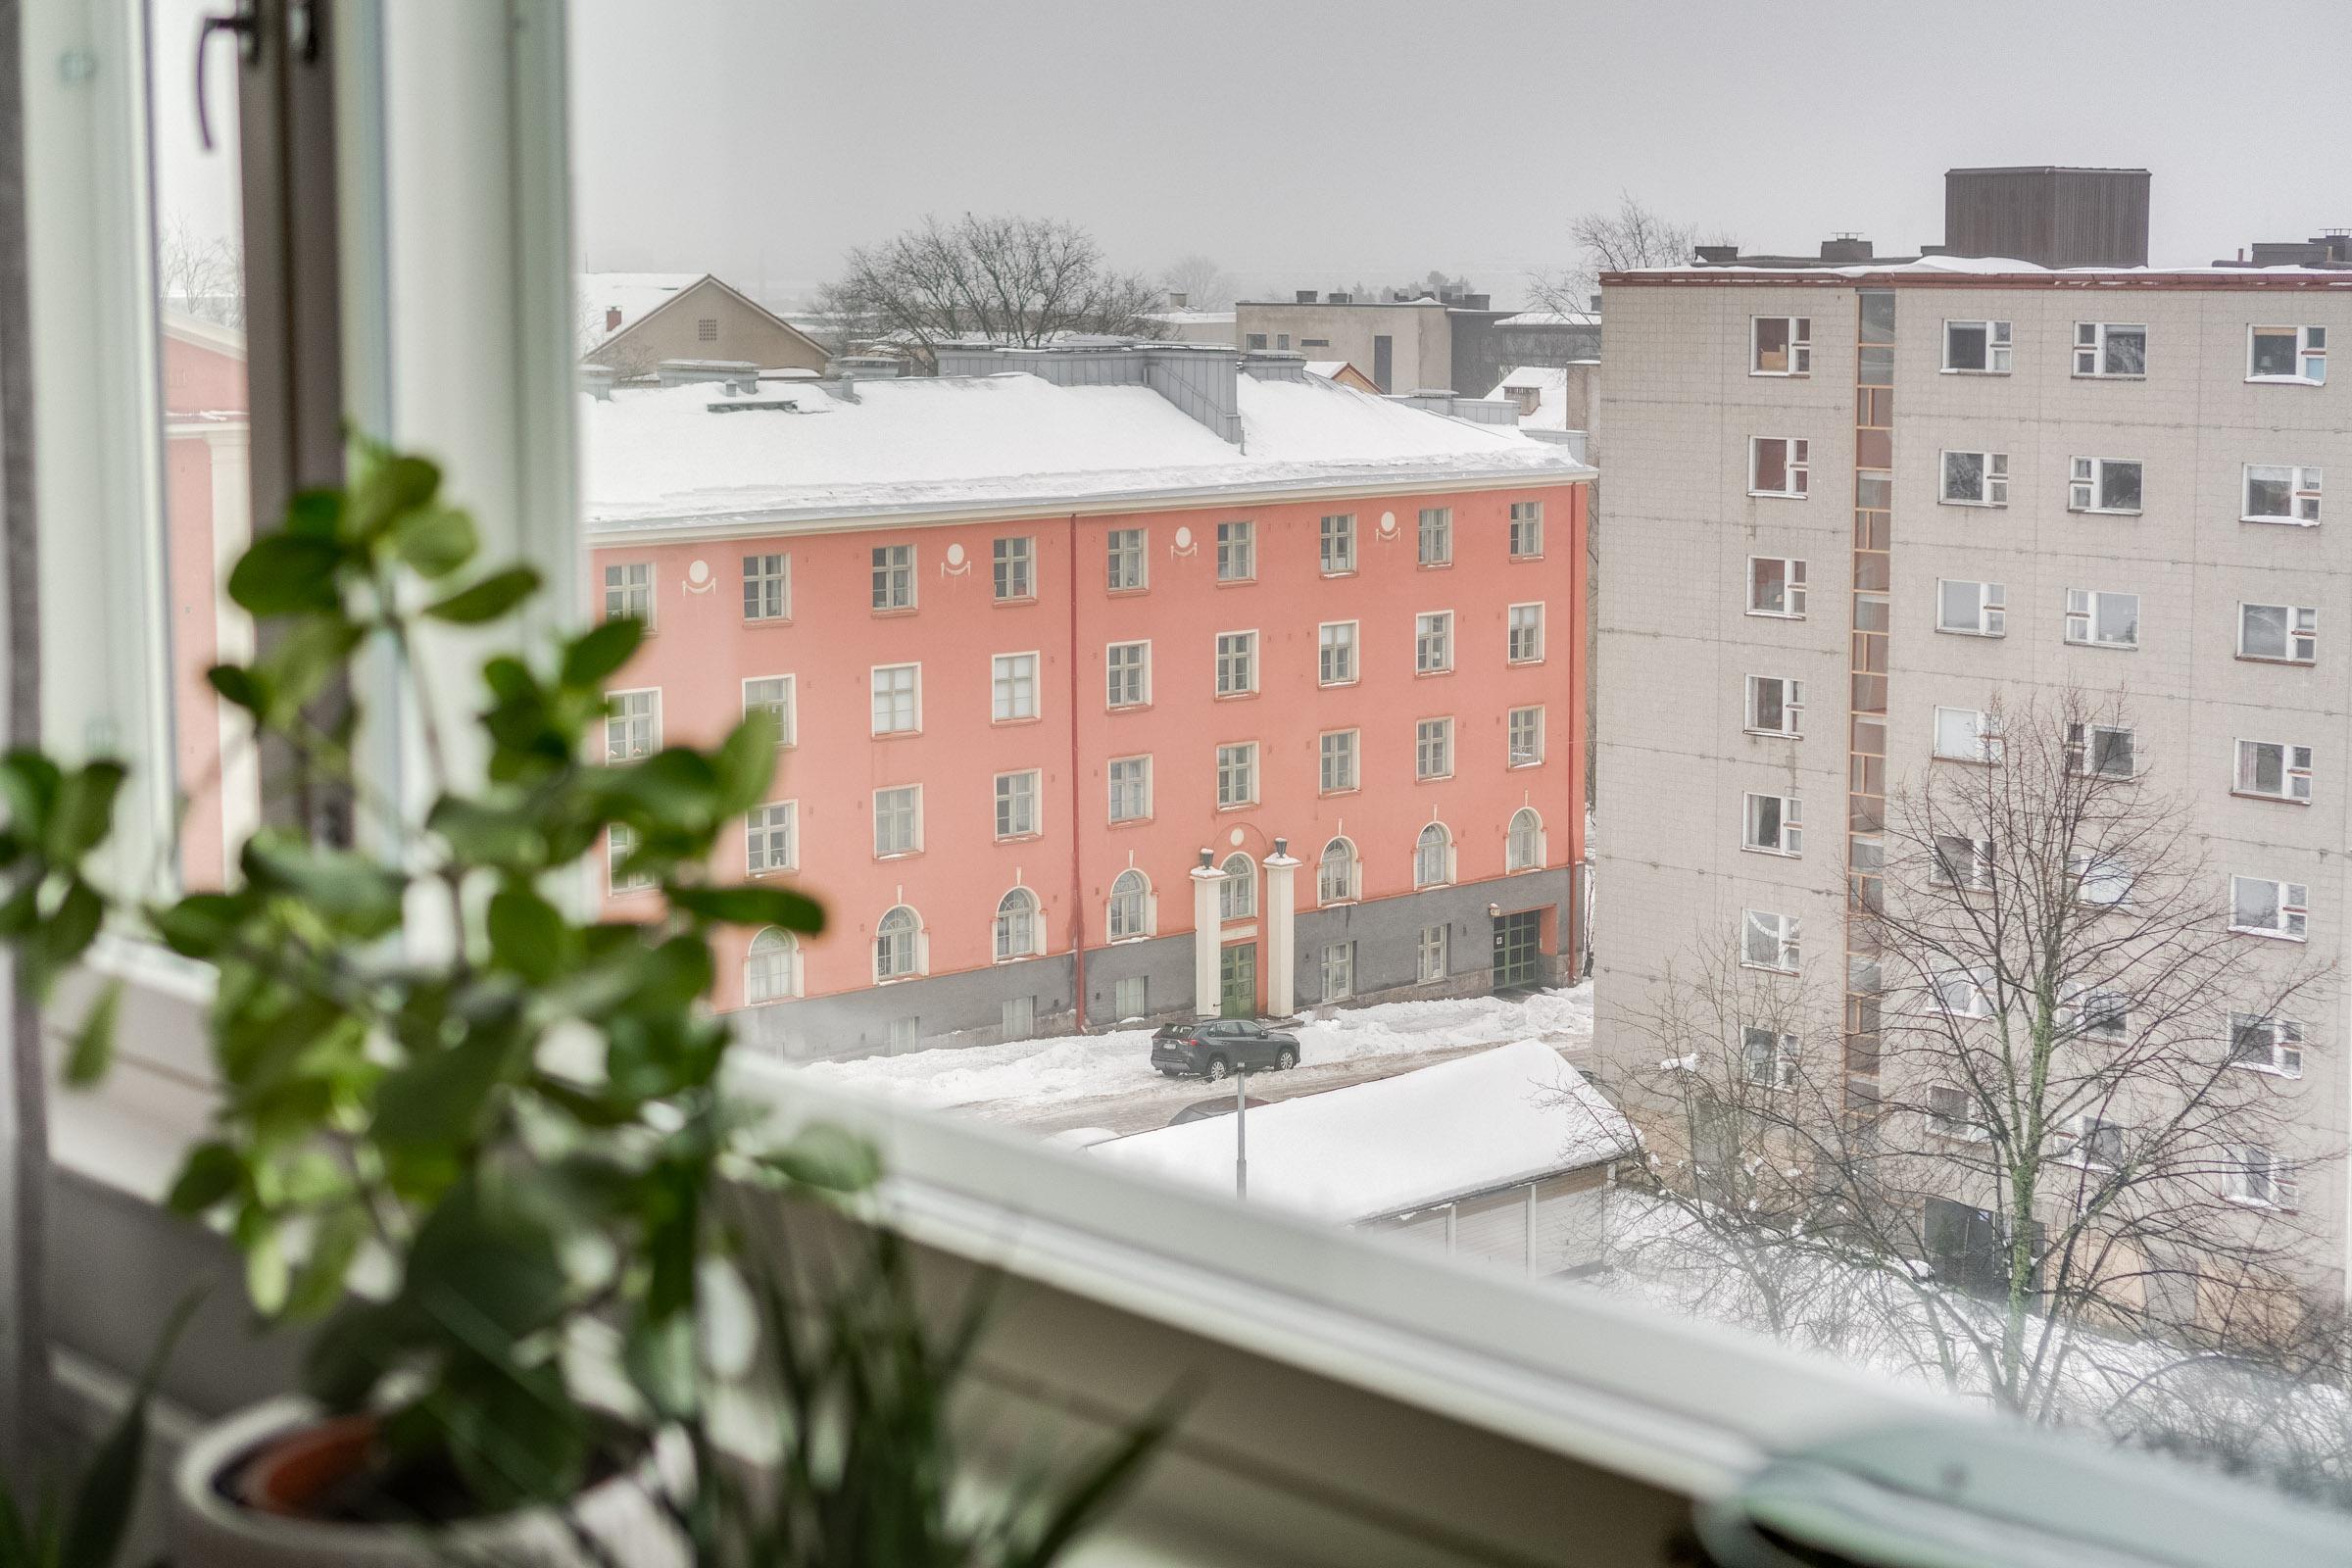 Sirkkalankatu 25 b, 20700 Turku: 44